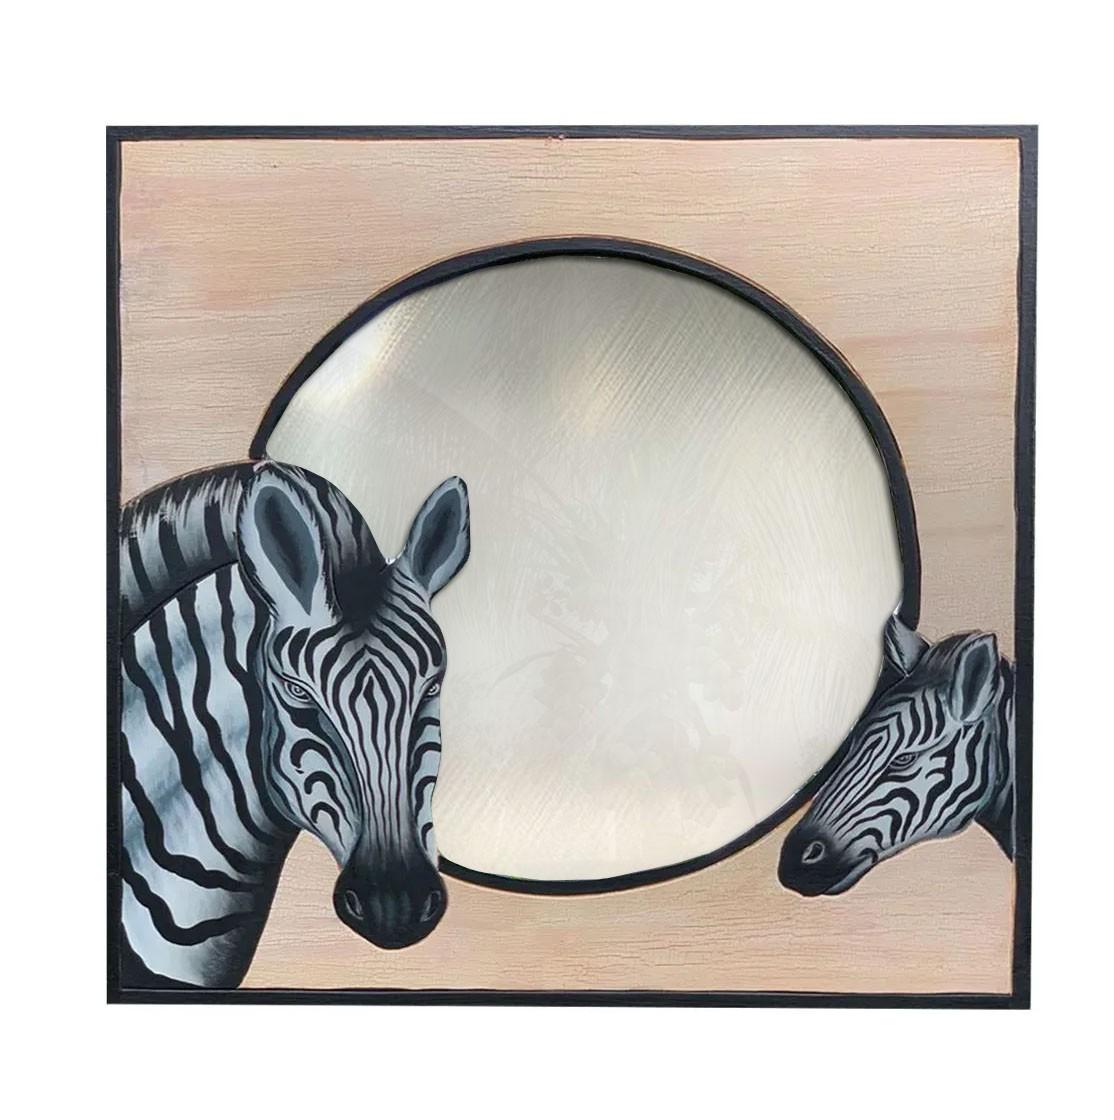 Espelho em MDF com bordas em Bege e Pintura de Zebras ( 60x60cm )